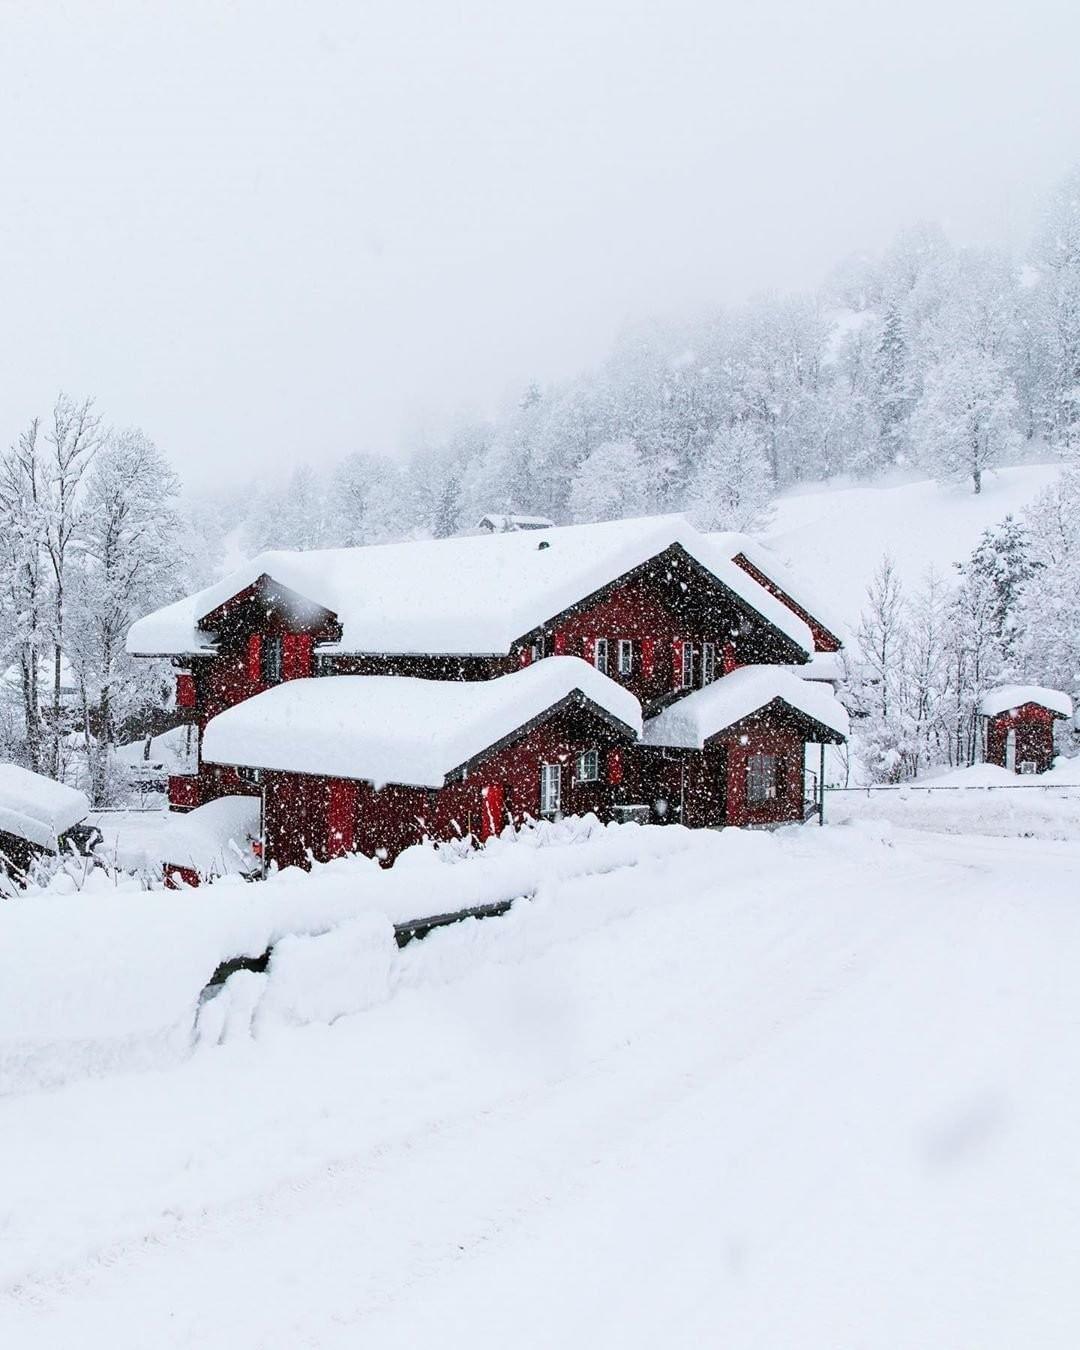 """Travel + Leisure sur Instagram: """"L'hiver est un moment incroyable pour visiter l'Europe, vous pouvez donc profiter de prix moins chers, de moins de foules et de merveilles hivernales pittoresques.…"""""""